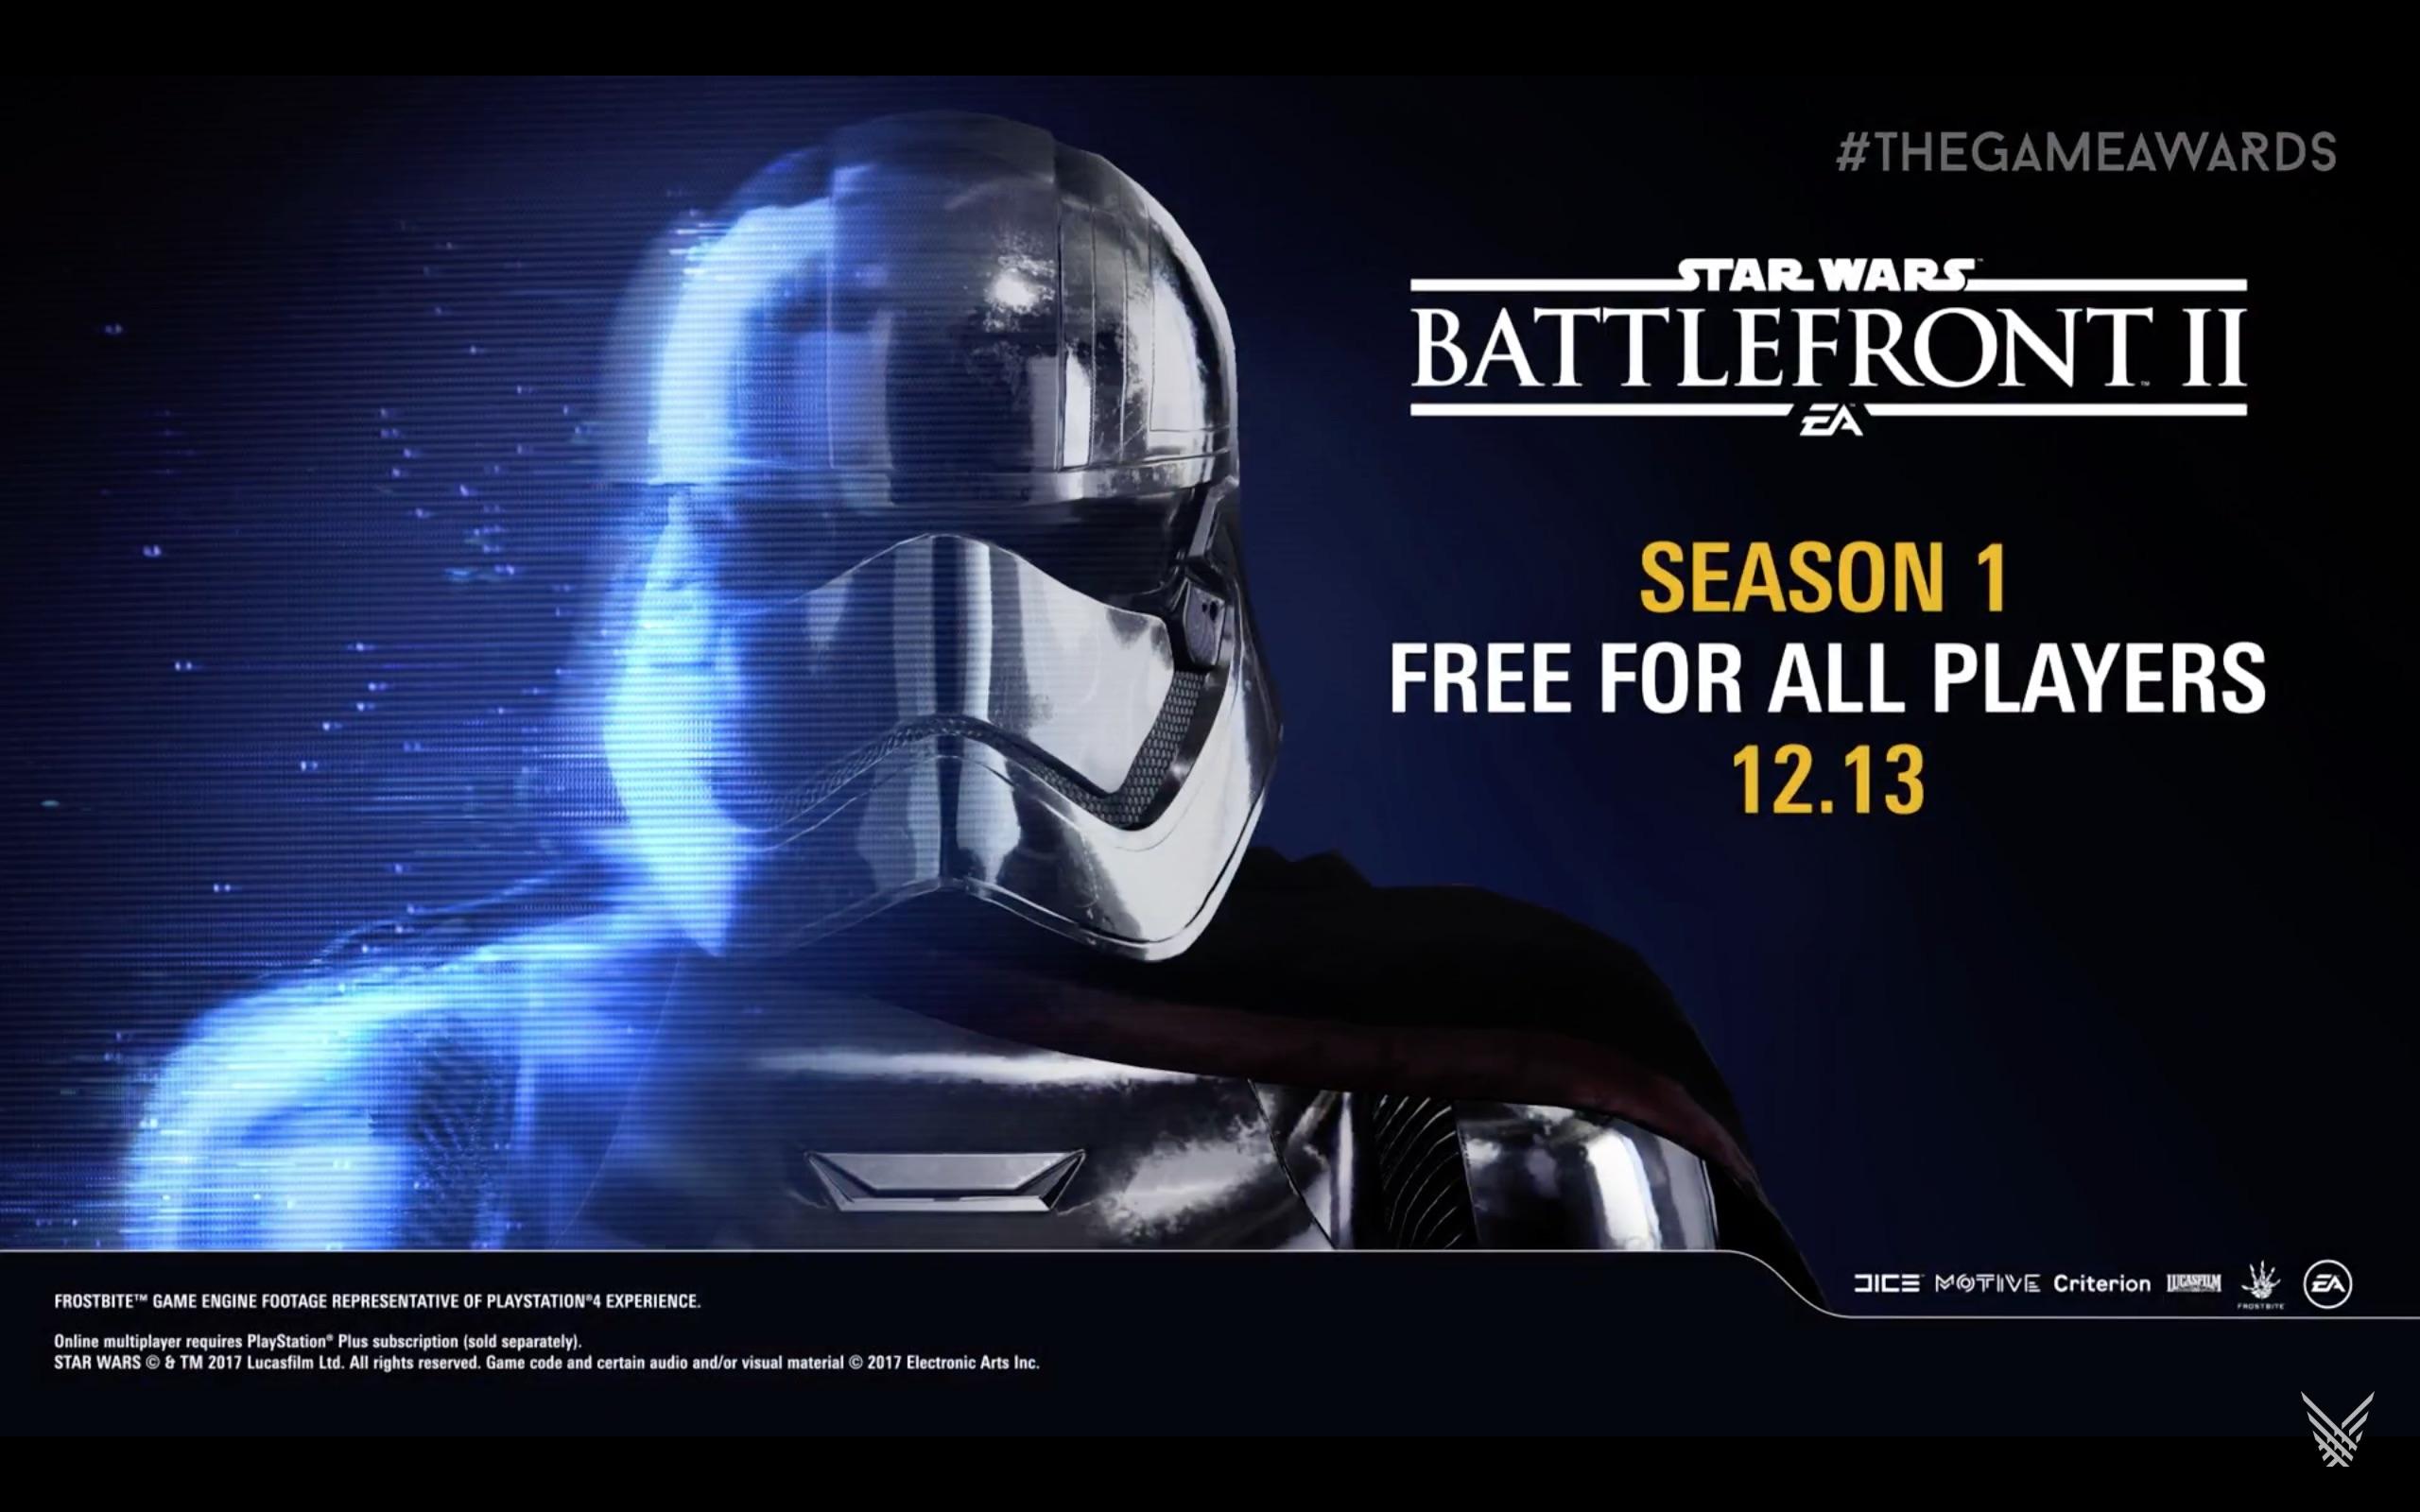 Battlefront II Season 1 Revealed